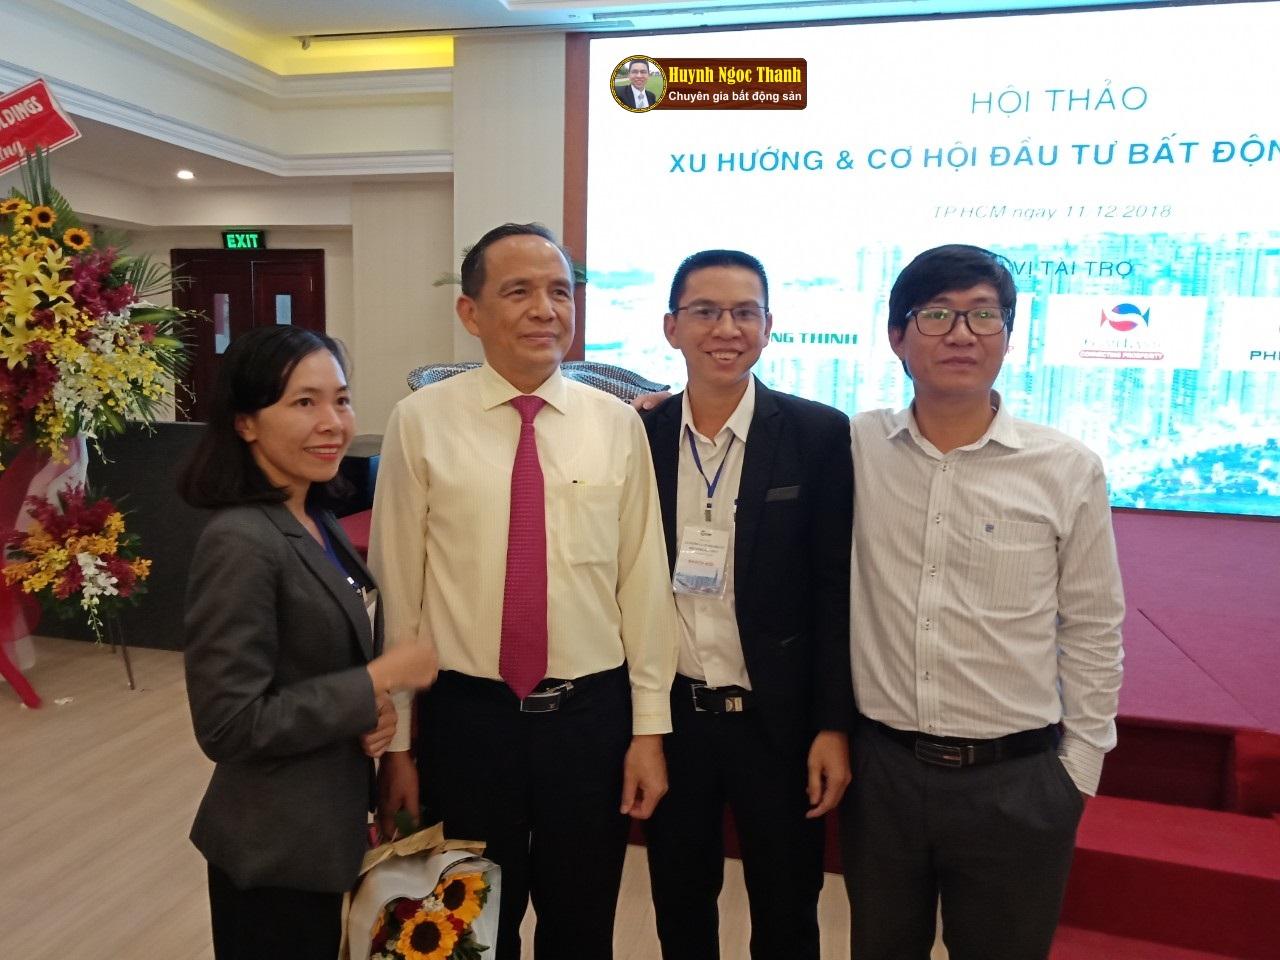 HUYNH-NGOC-THANH-LE-HOANG-CHAU